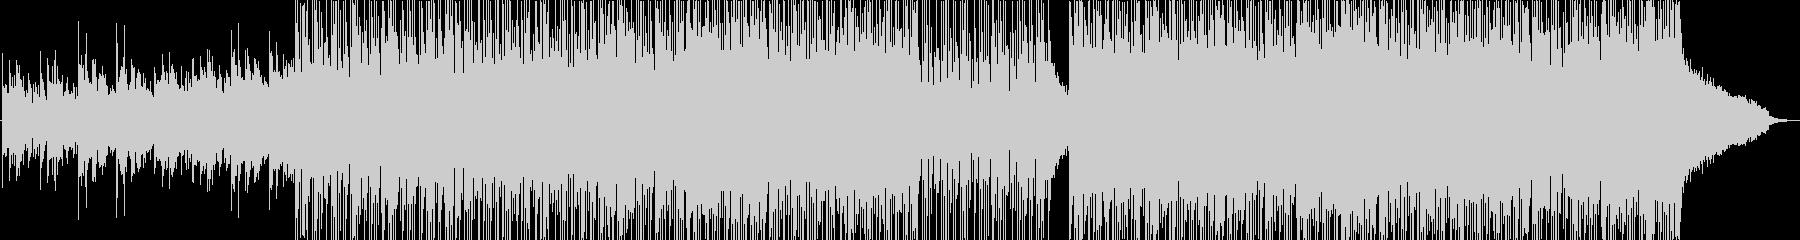 美しいシンセインディロックの未再生の波形